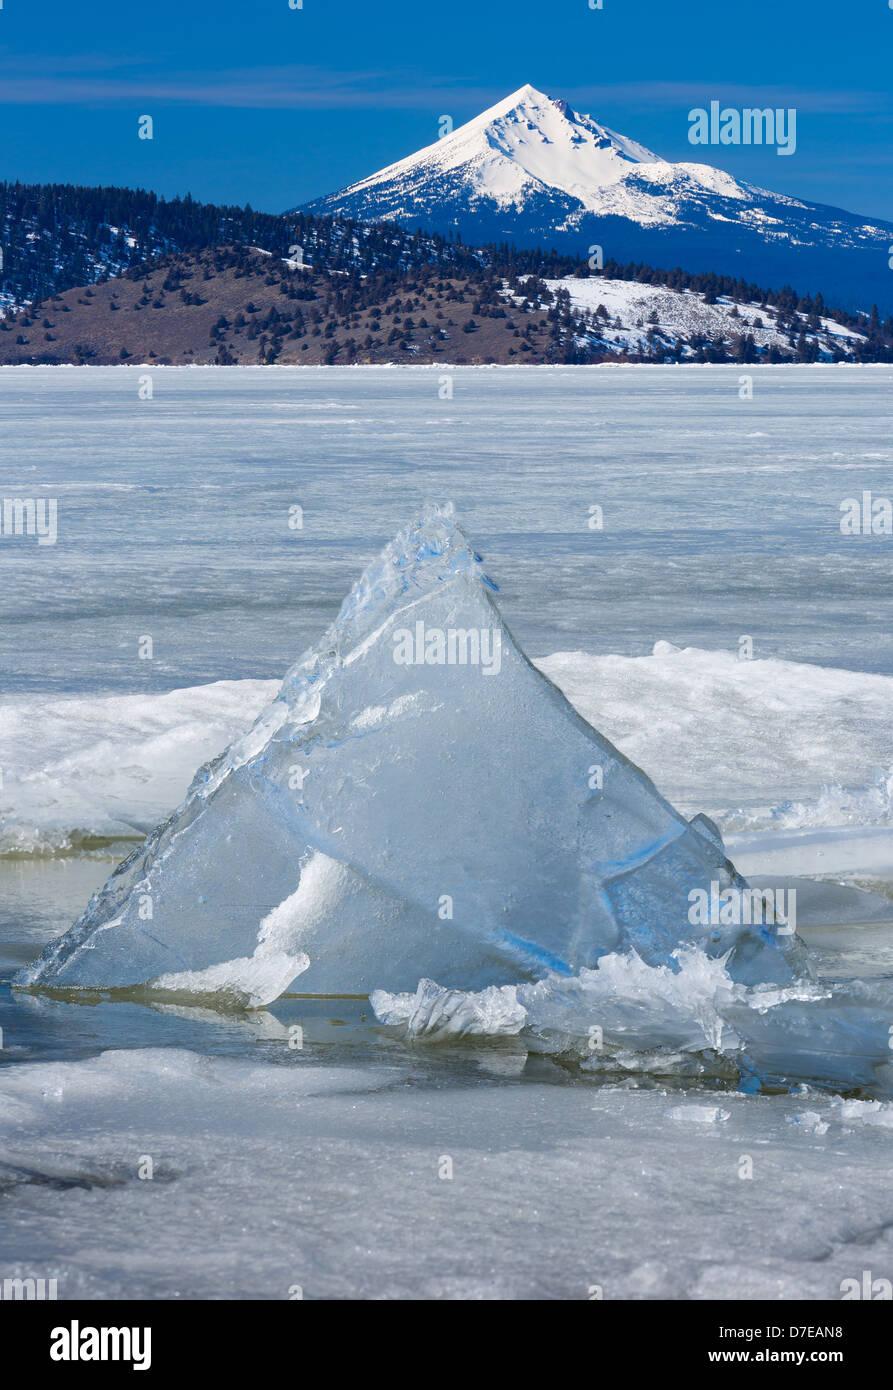 Parte superior del Lago Klamath en el sur de Oregon con el Monte McLoughlin en la distancia Imagen De Stock